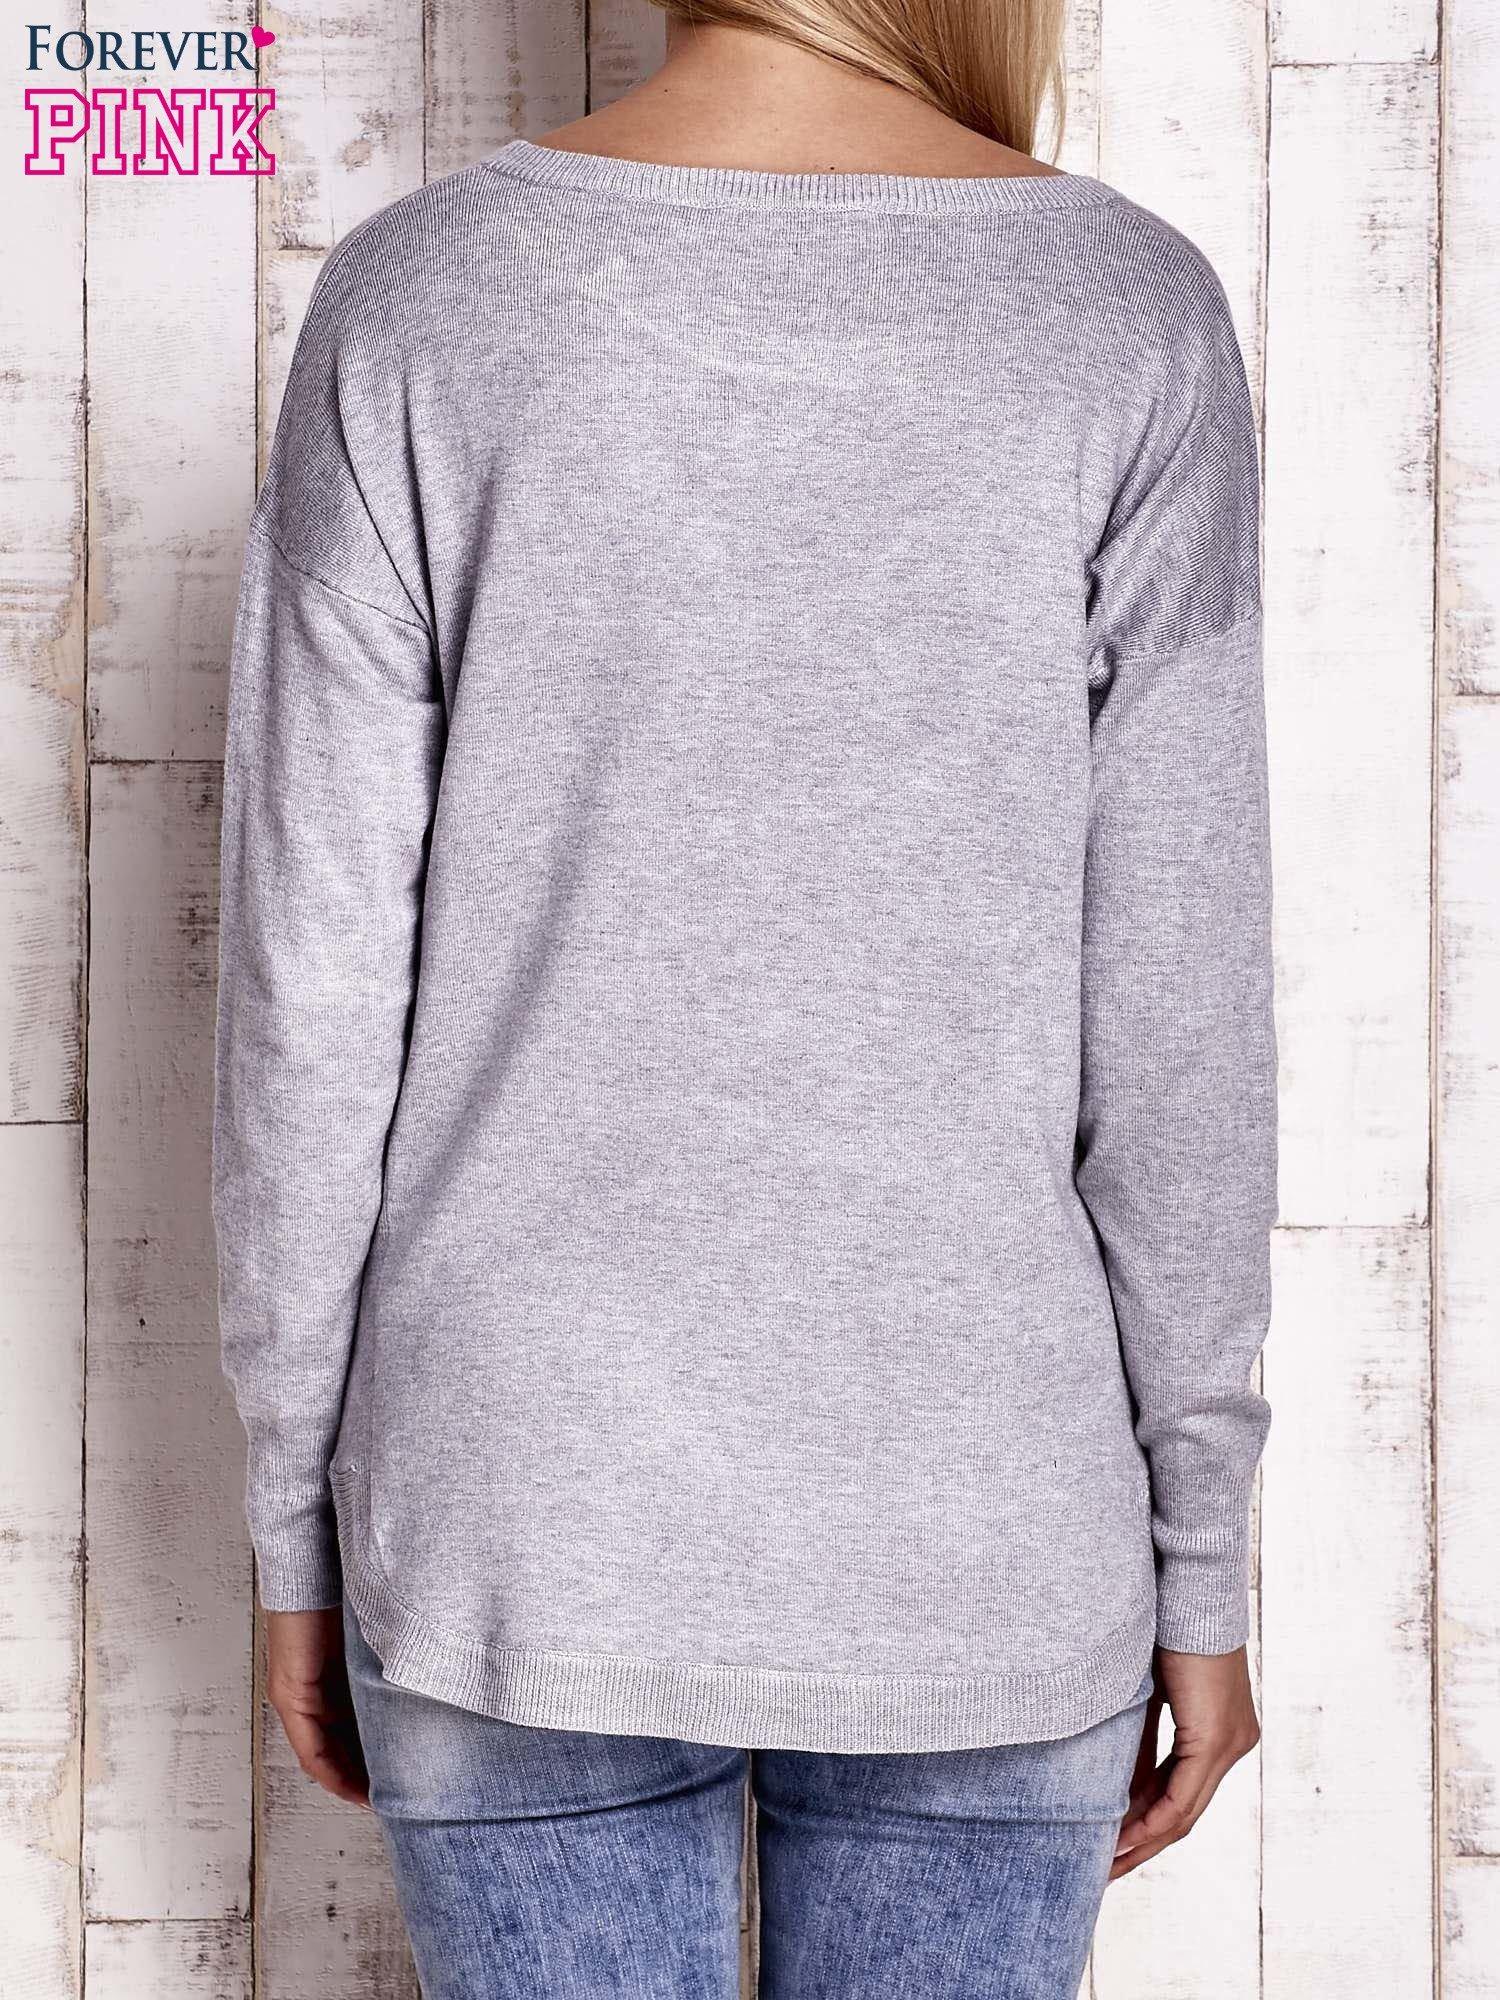 Jasnoszary sweter z okrągłym dekoltem                                  zdj.                                  4